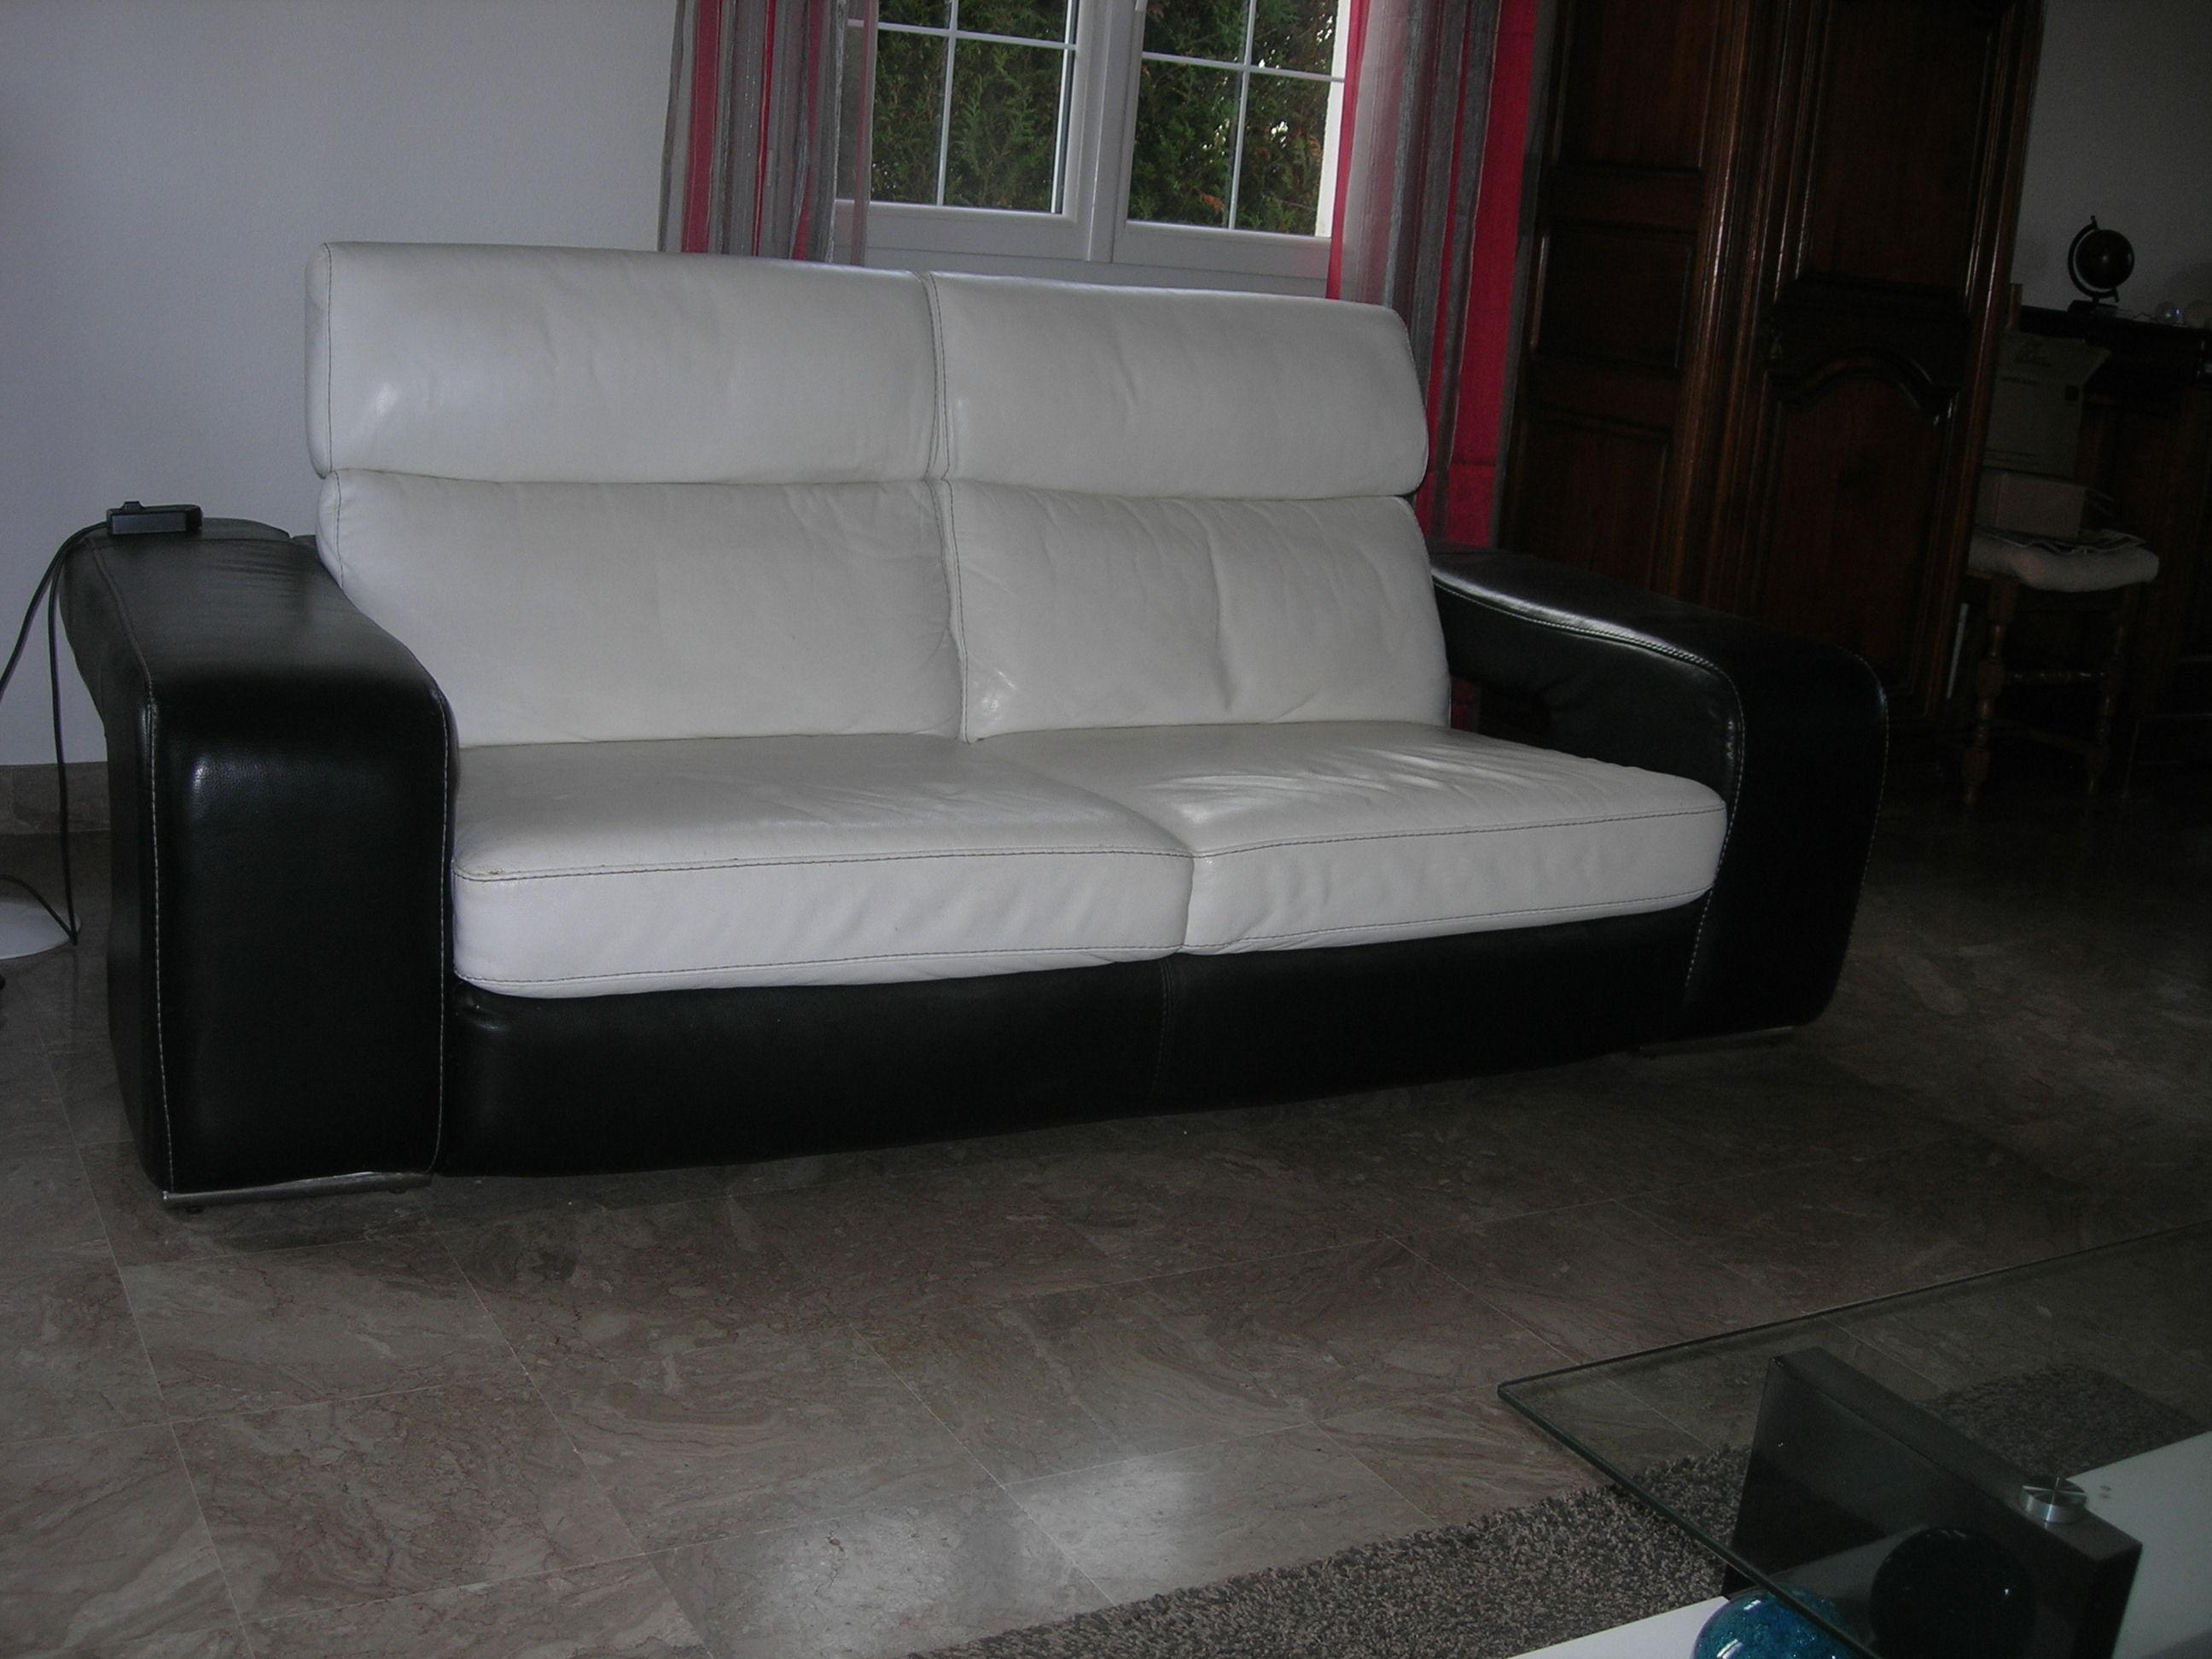 canap s occasion en vend e 85 annonces achat et vente de canap s paruvendu mondebarras page 14. Black Bedroom Furniture Sets. Home Design Ideas